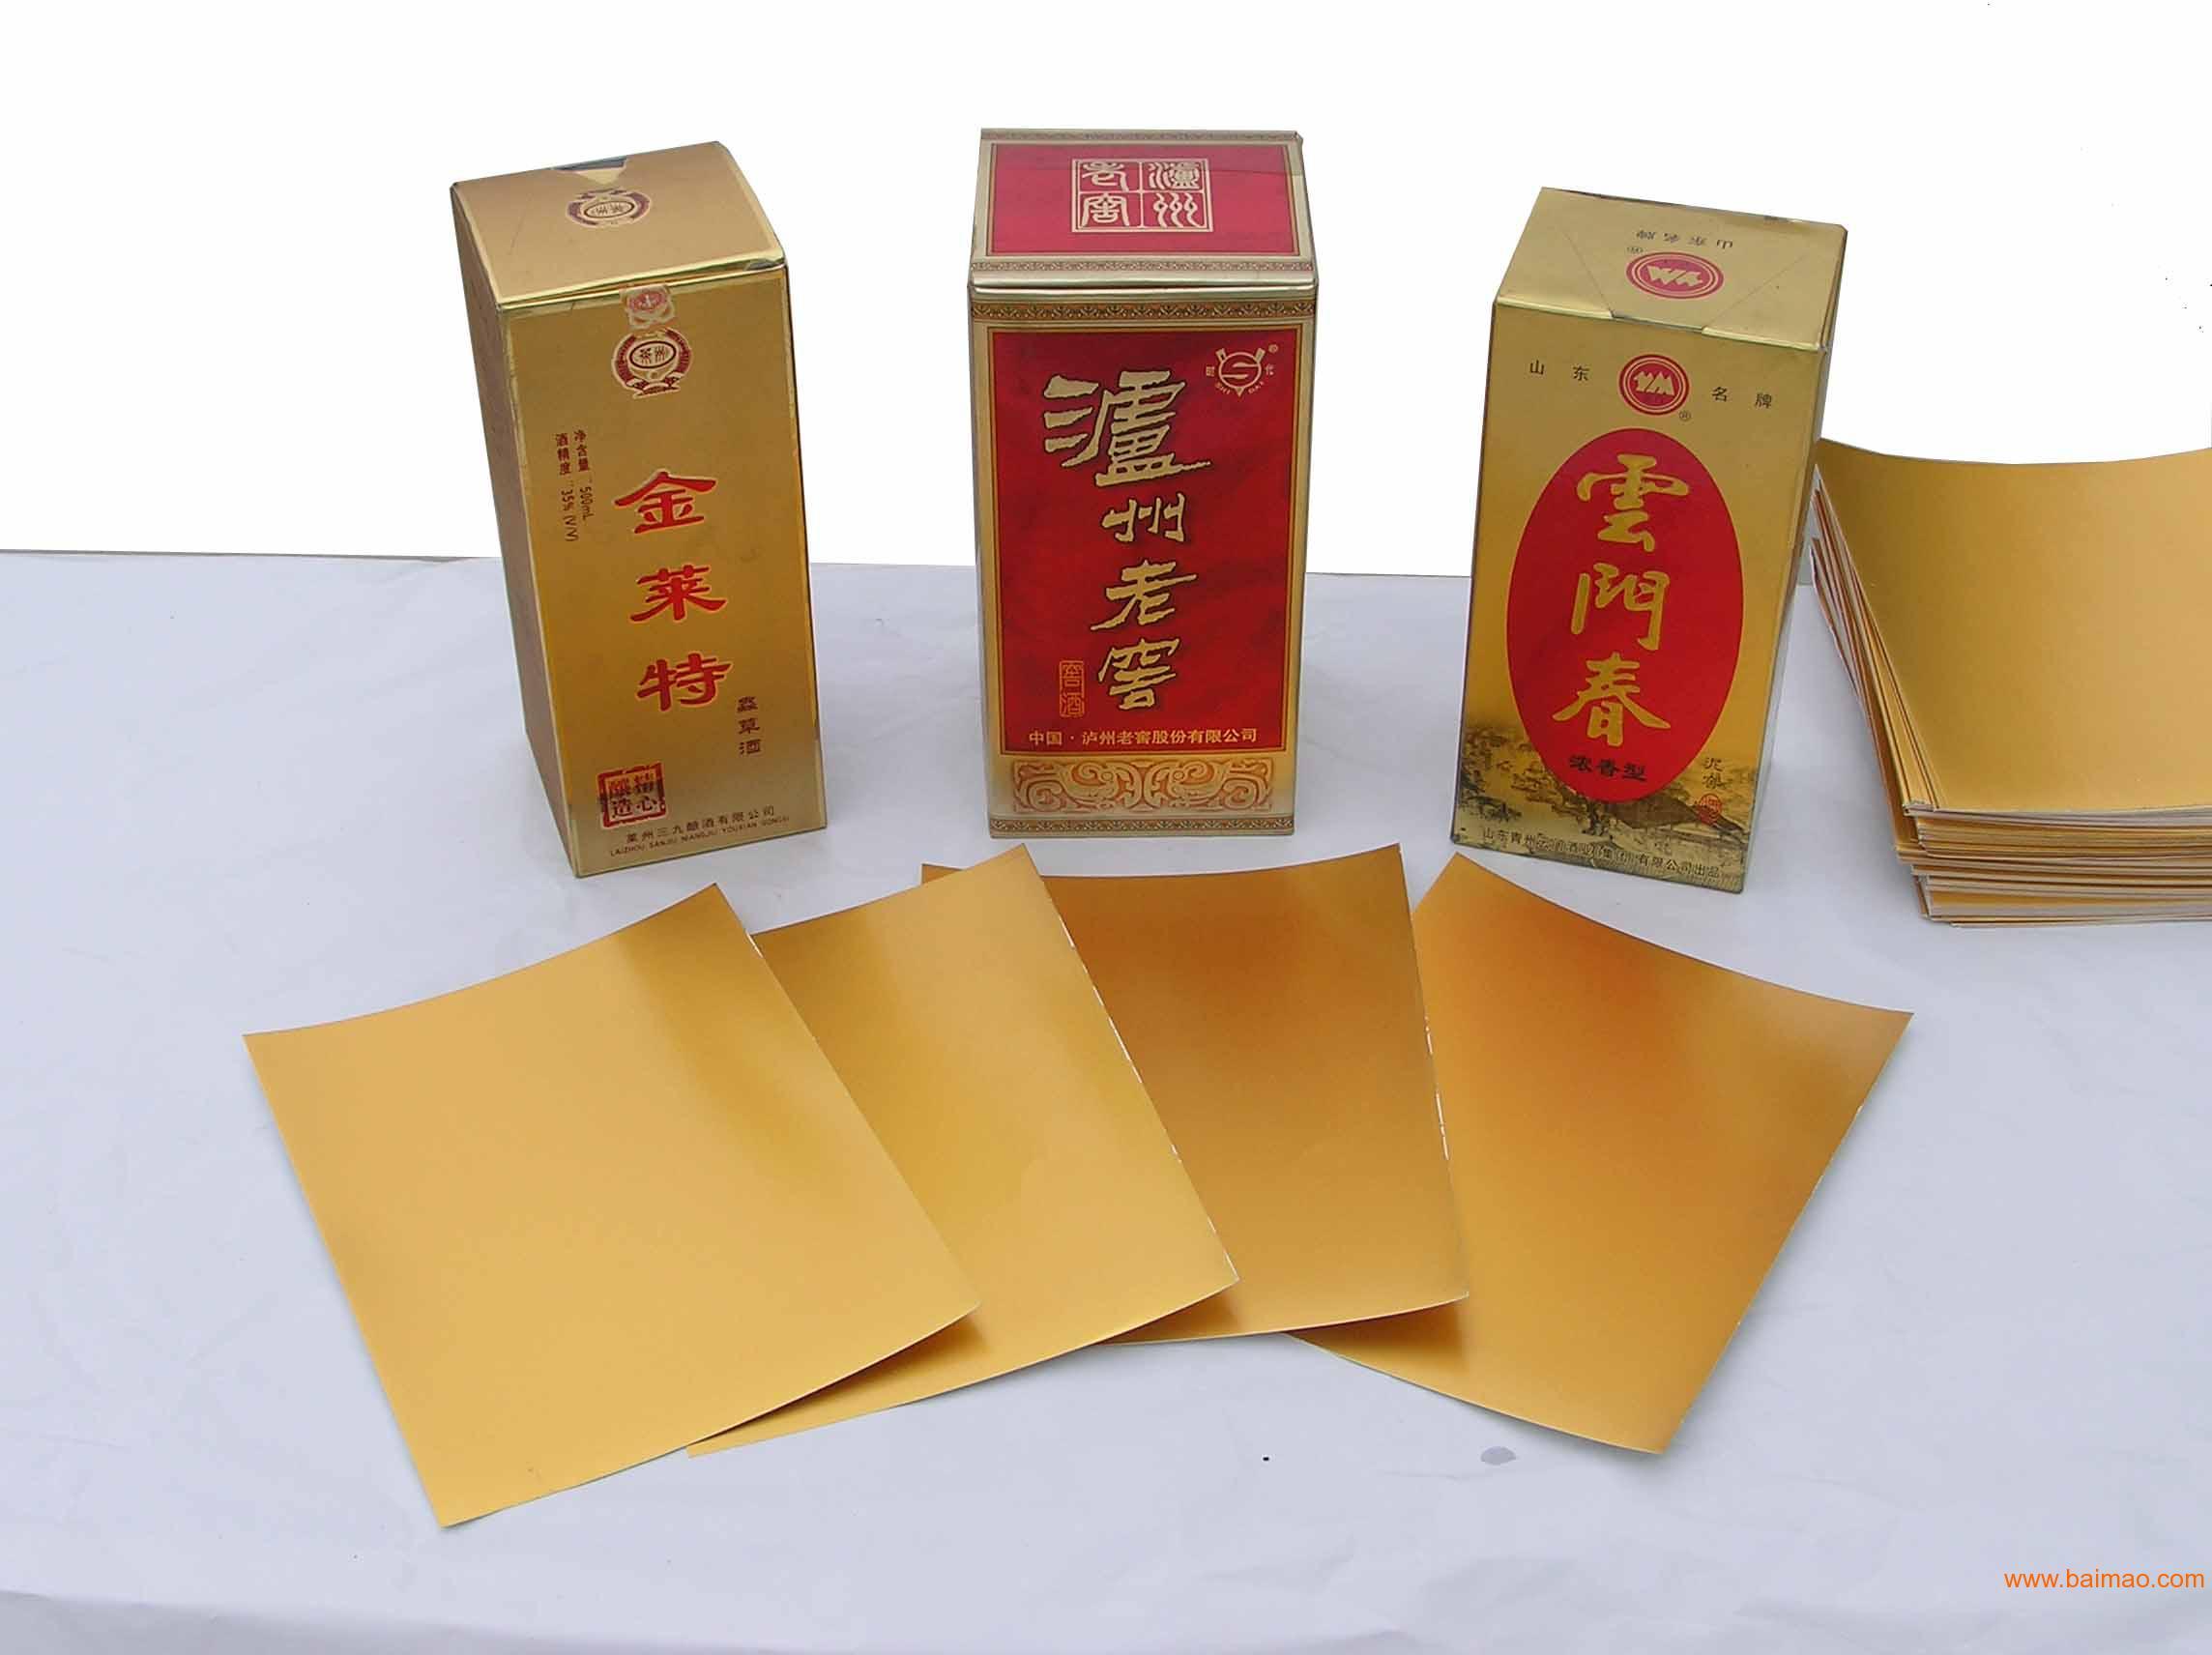 宝安包装盒制作定制厂家_深圳市佳诚印刷有限公司